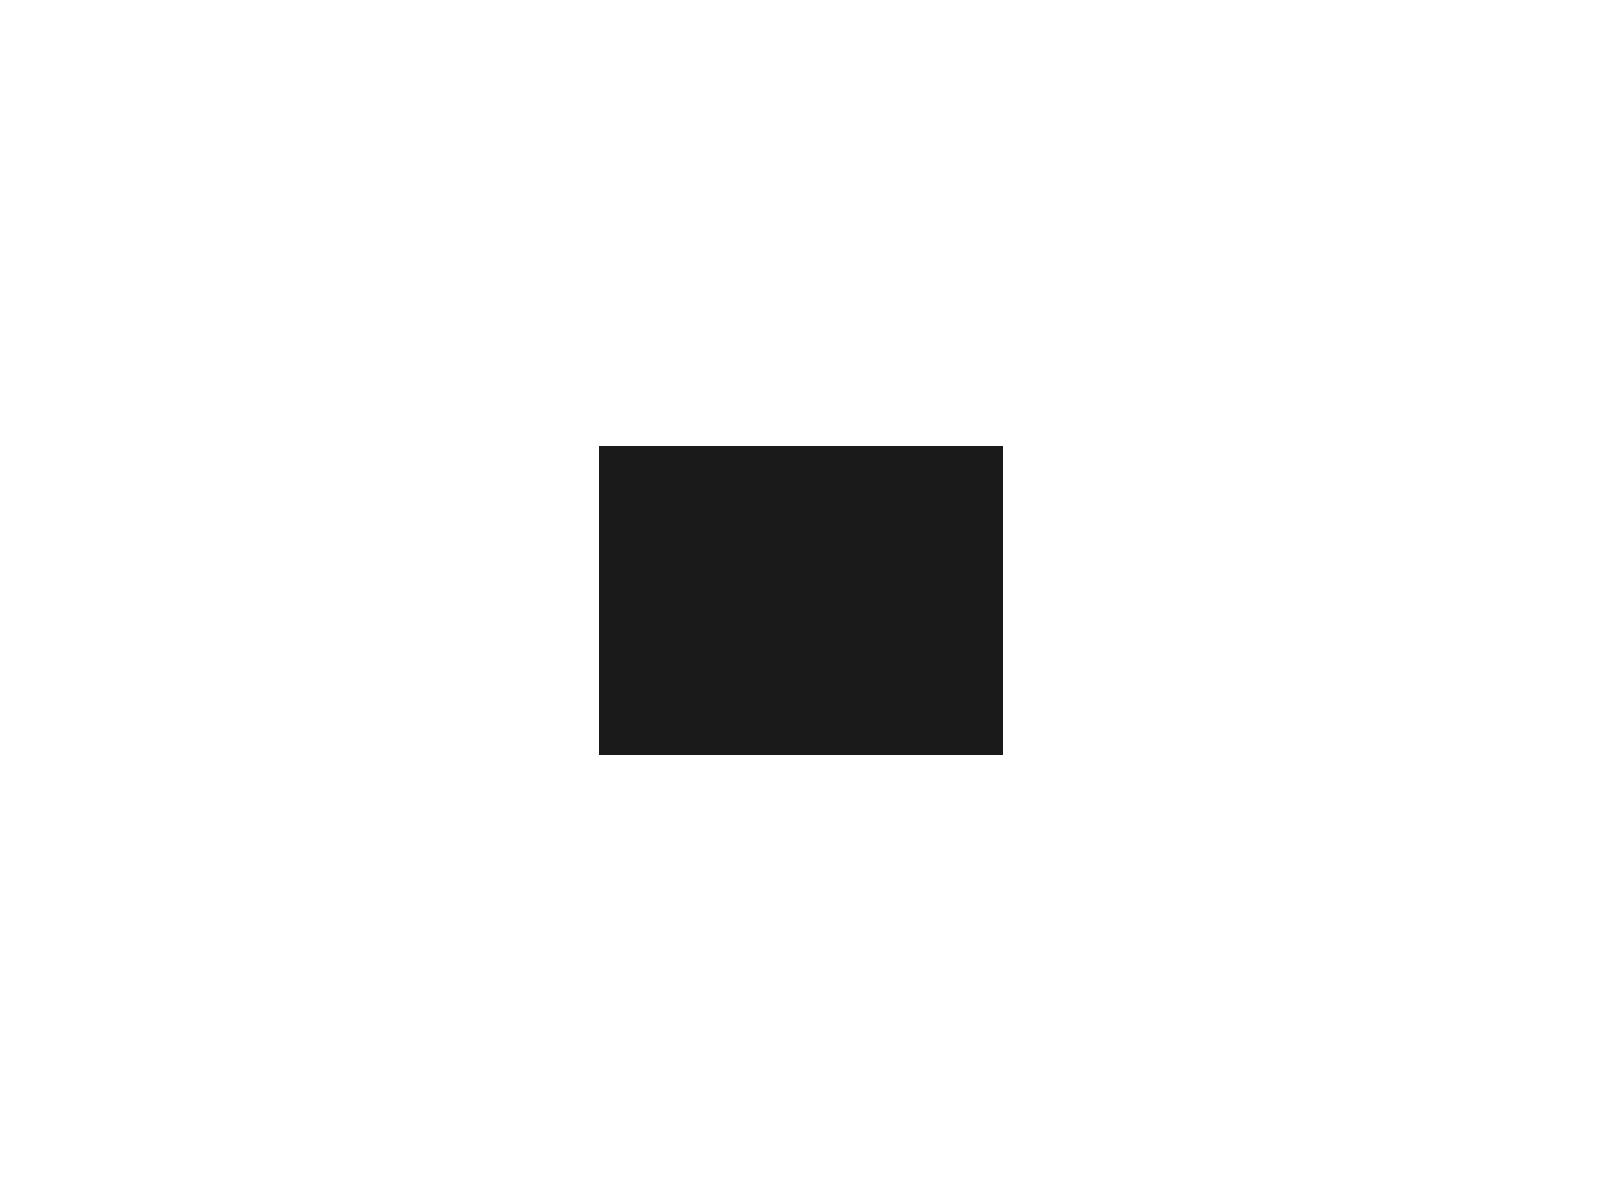 200325_logo_0019_Warren